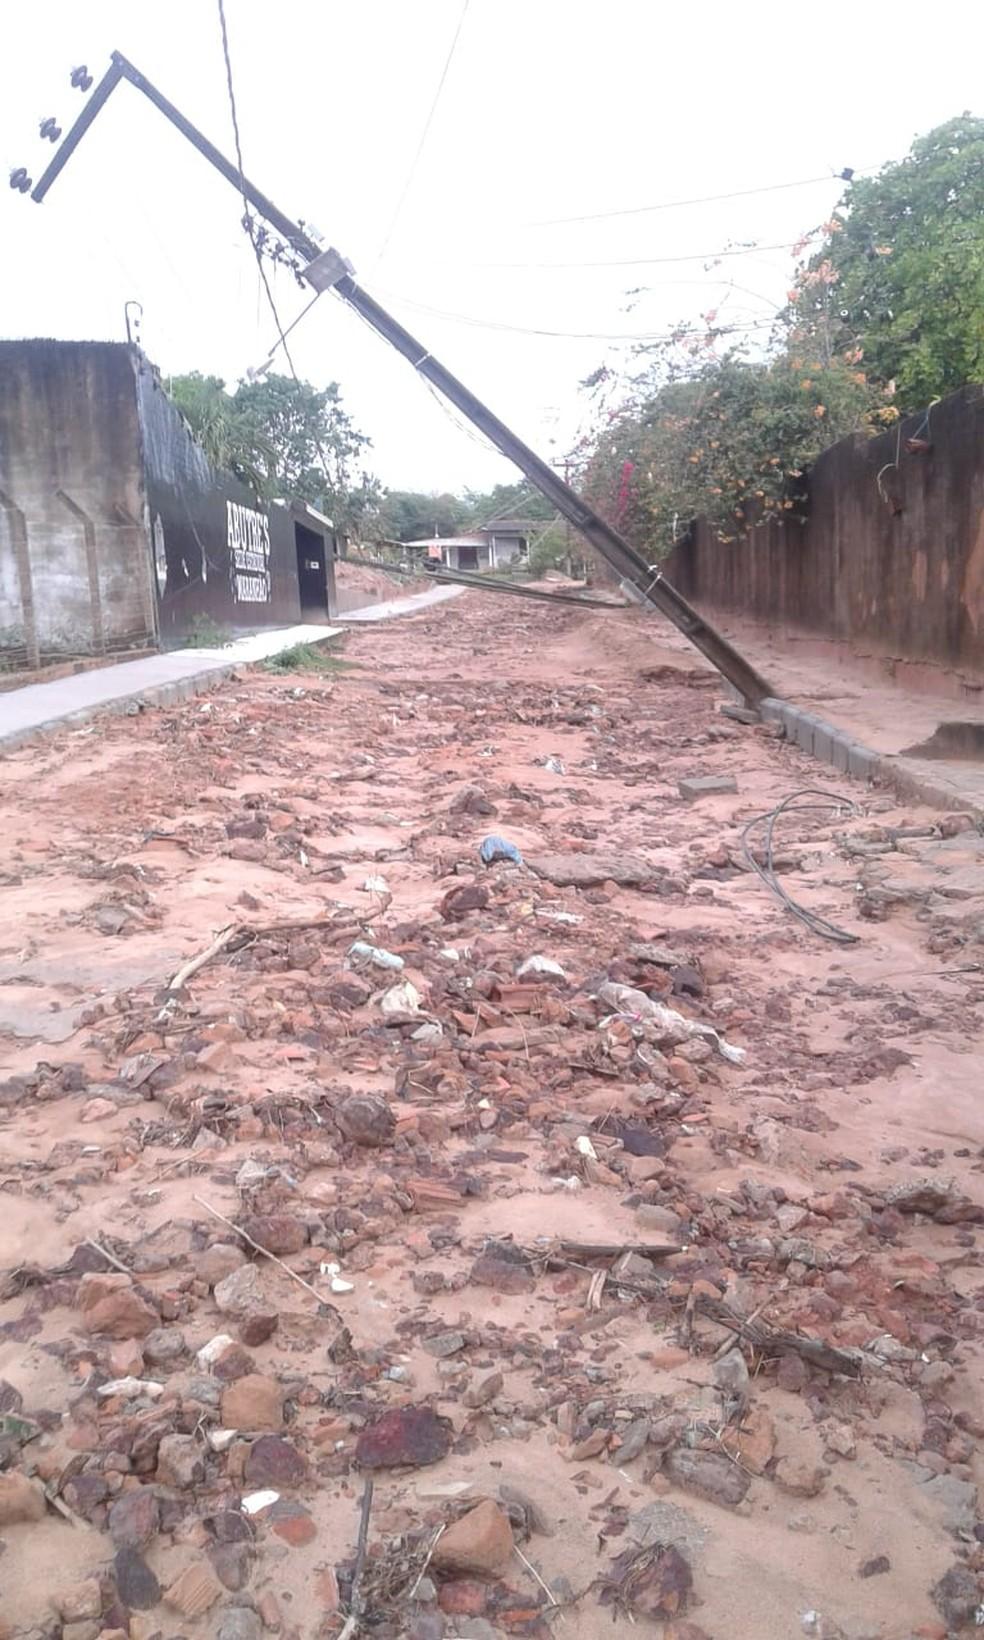 Postes caíram na rua Raimundo Ferreira, no bairro Maioba — Foto: Ana Marília